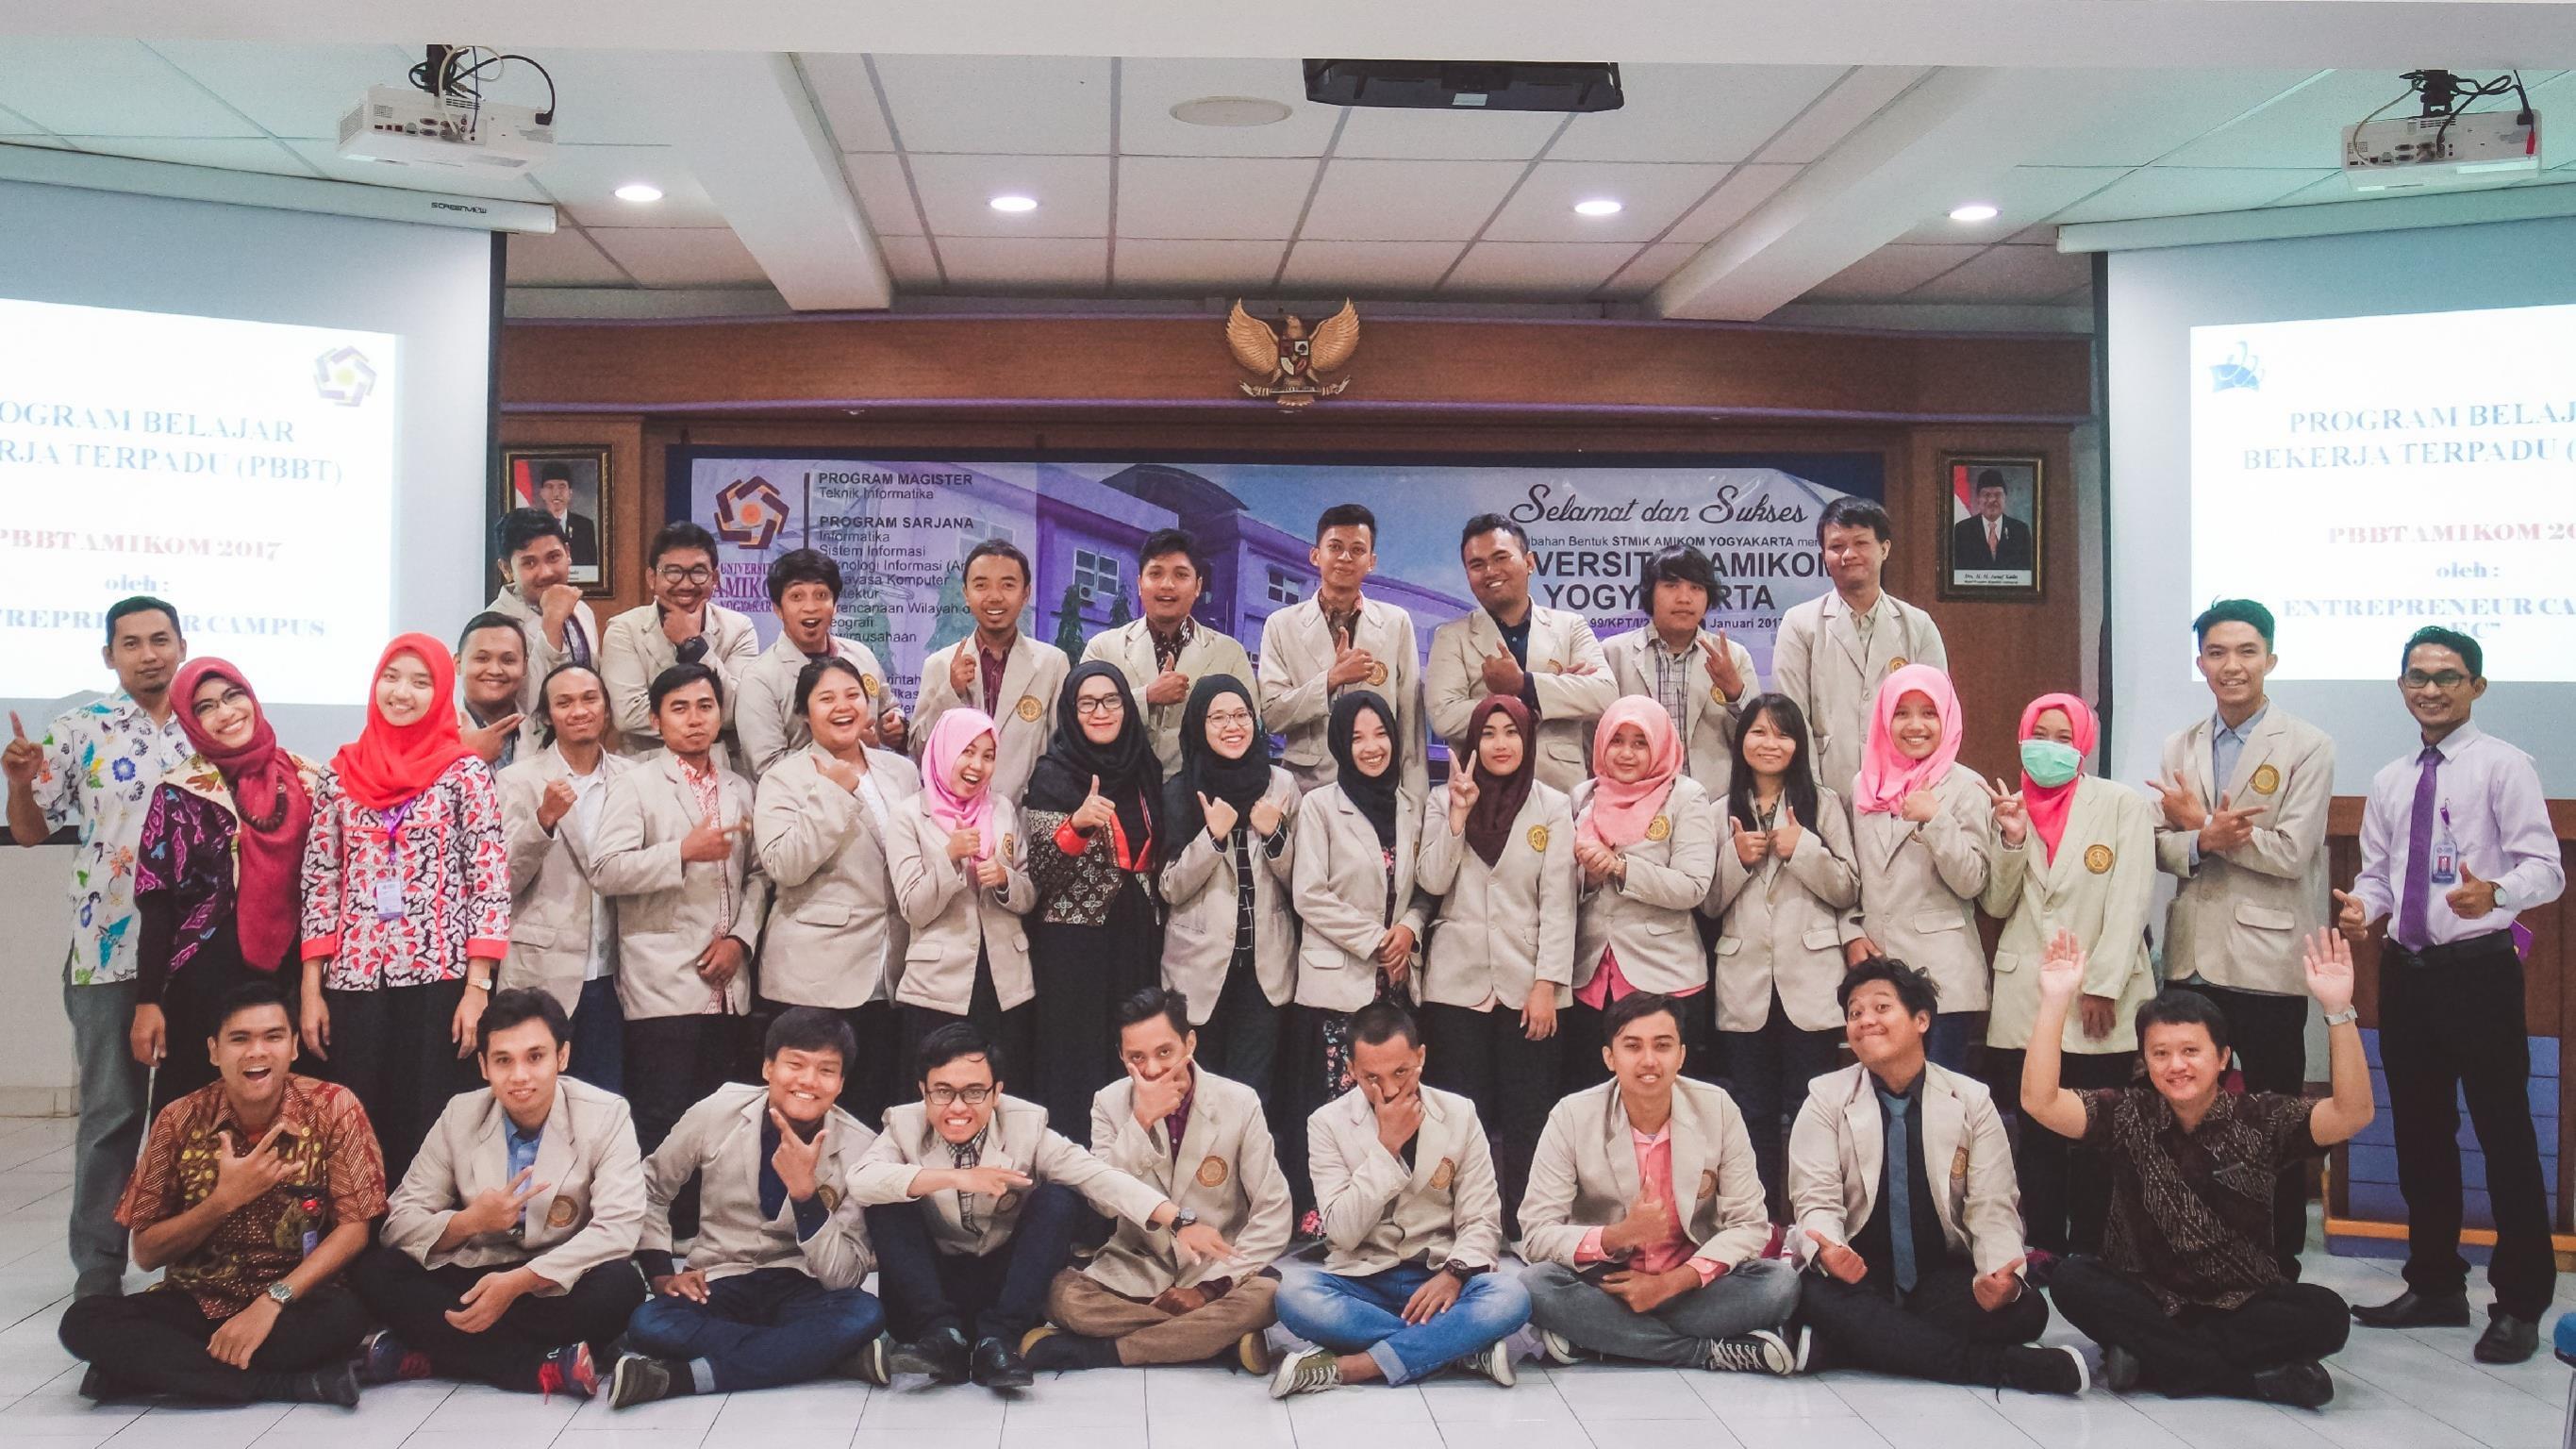 30 Mahasiswa Amikom Ikuti Program Belajar Bekerja Terpadu KEMENRISTEKDIKTI